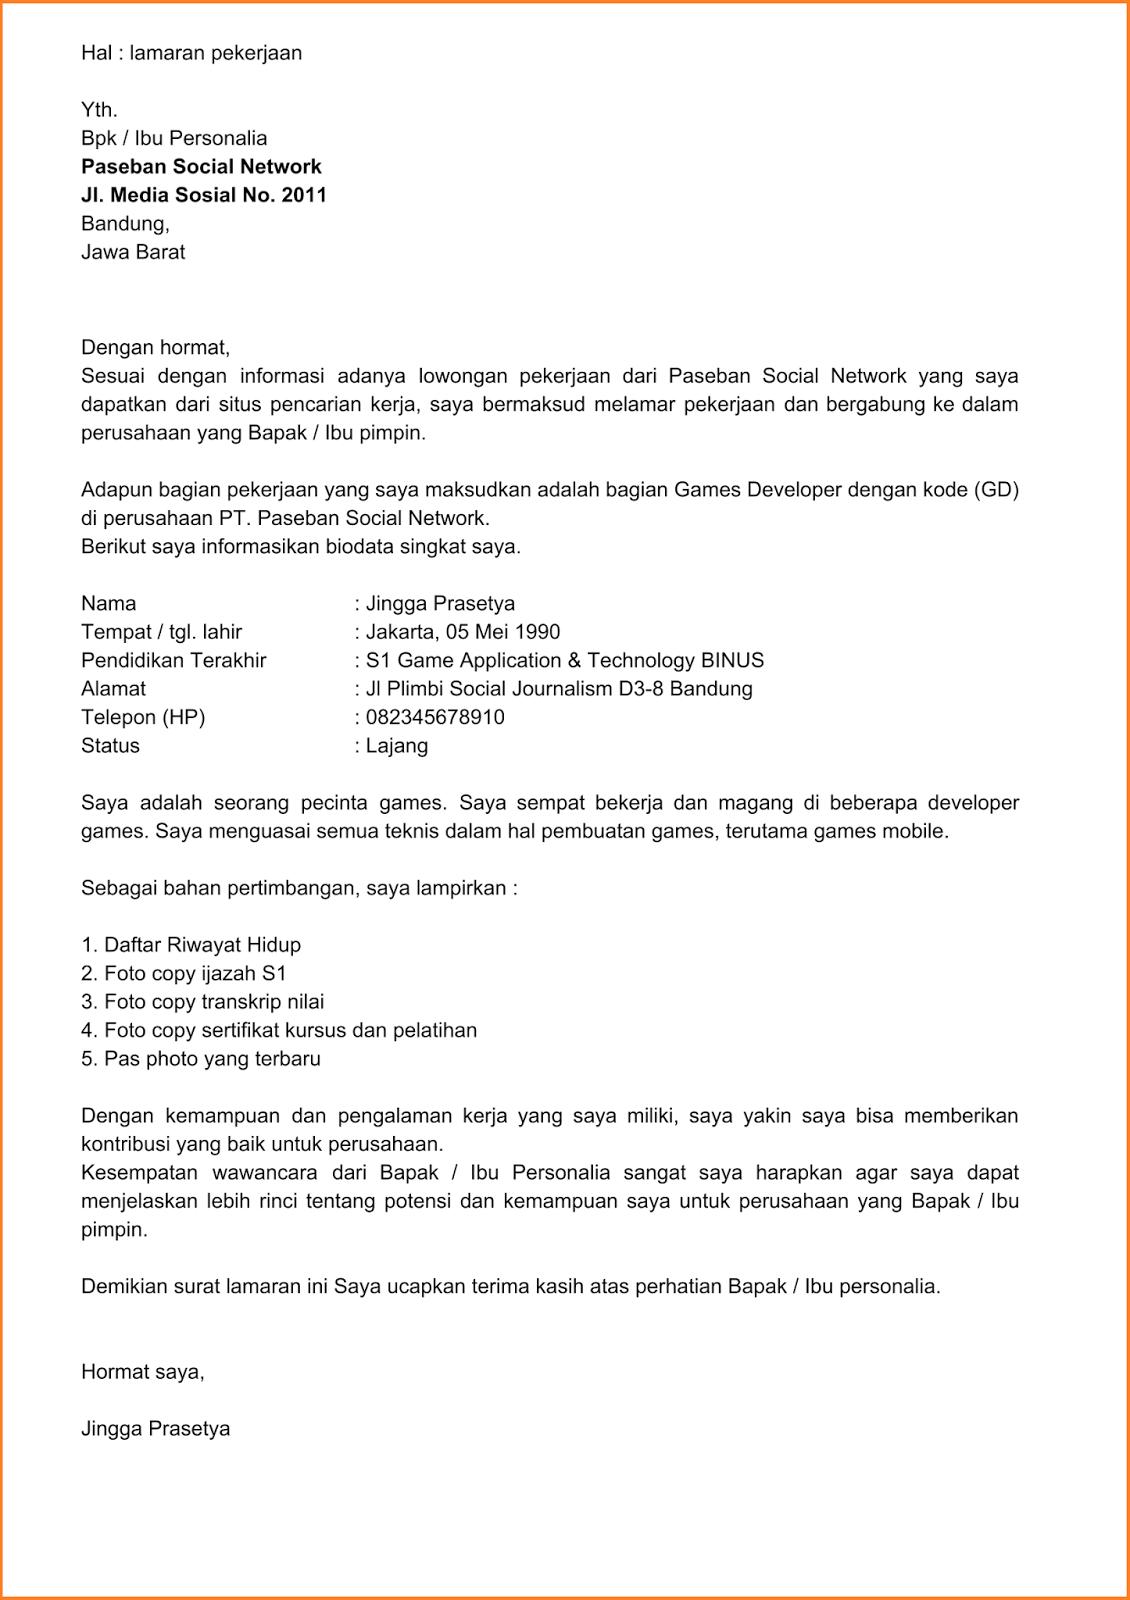 Contoh Surat Lamaran Kerja Di Perusahaan Perkebunan Kelapa Sawit